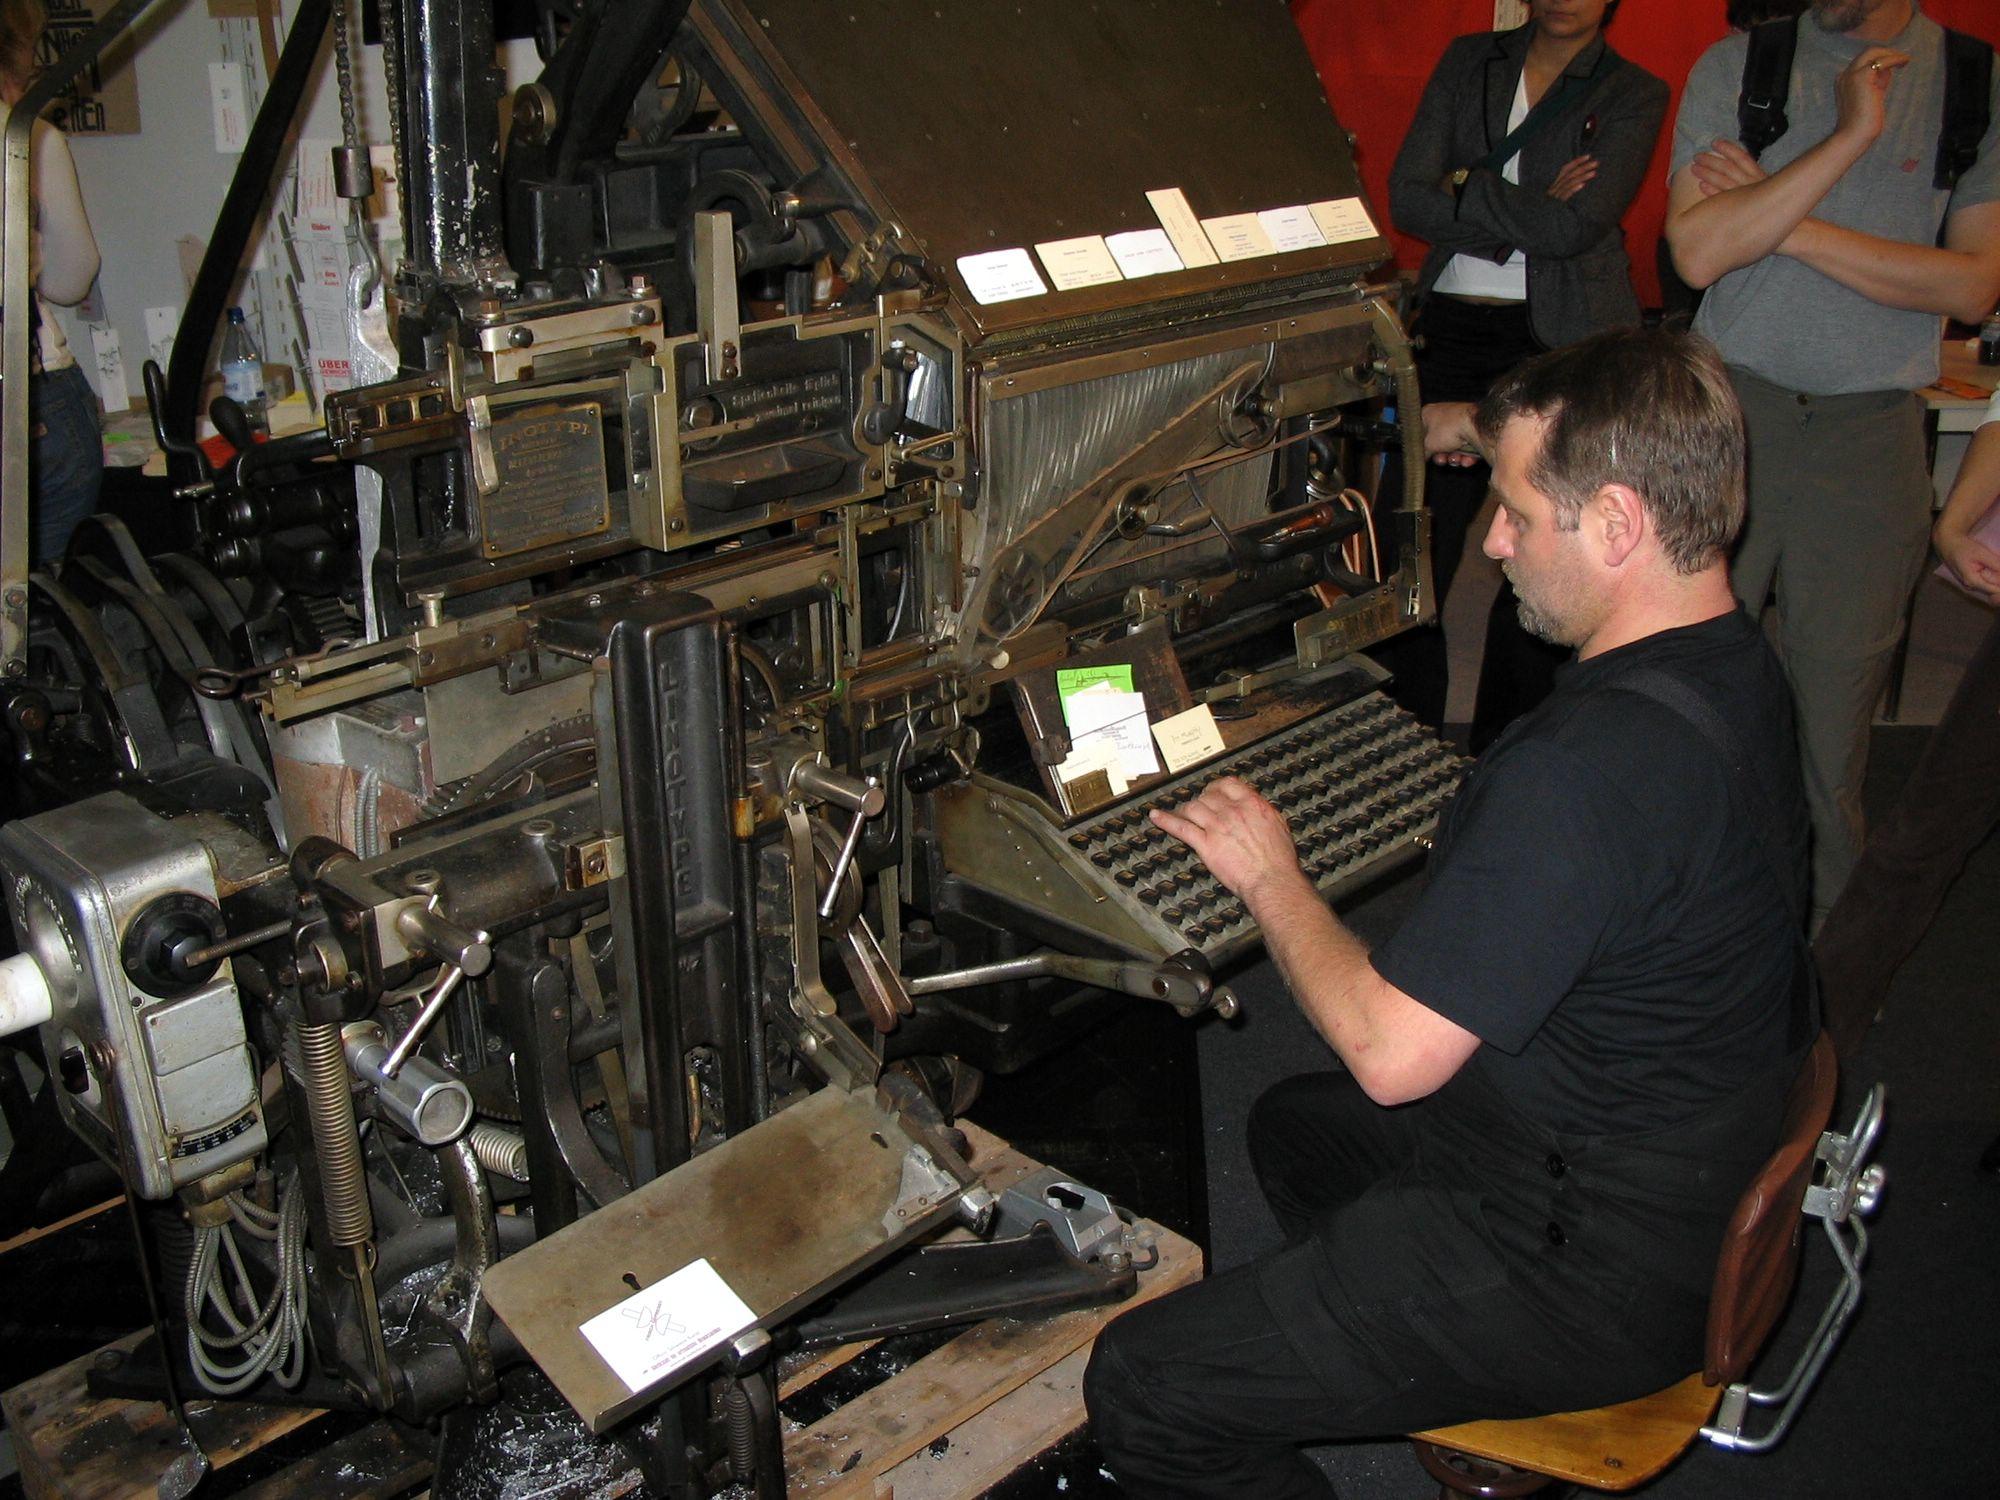 File:Linotype Typesetting Machine jpg - Wikimedia Commons